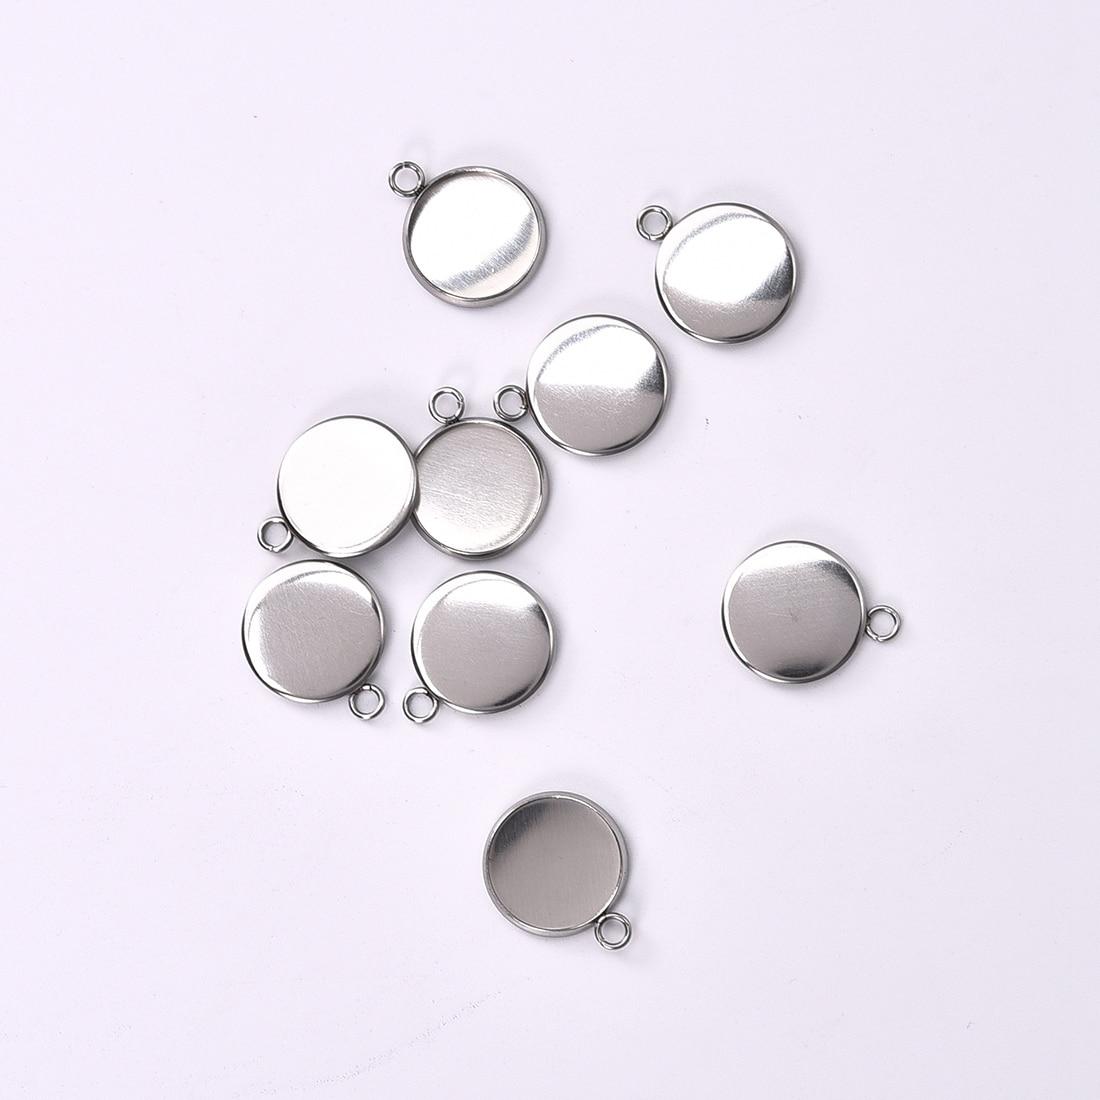 Base de cabujón redondo de acero inoxidable con bandejas de cristal en blanco para fabricación de joyería de colgantes 6/8/10/12/14/16/18/20/25mm